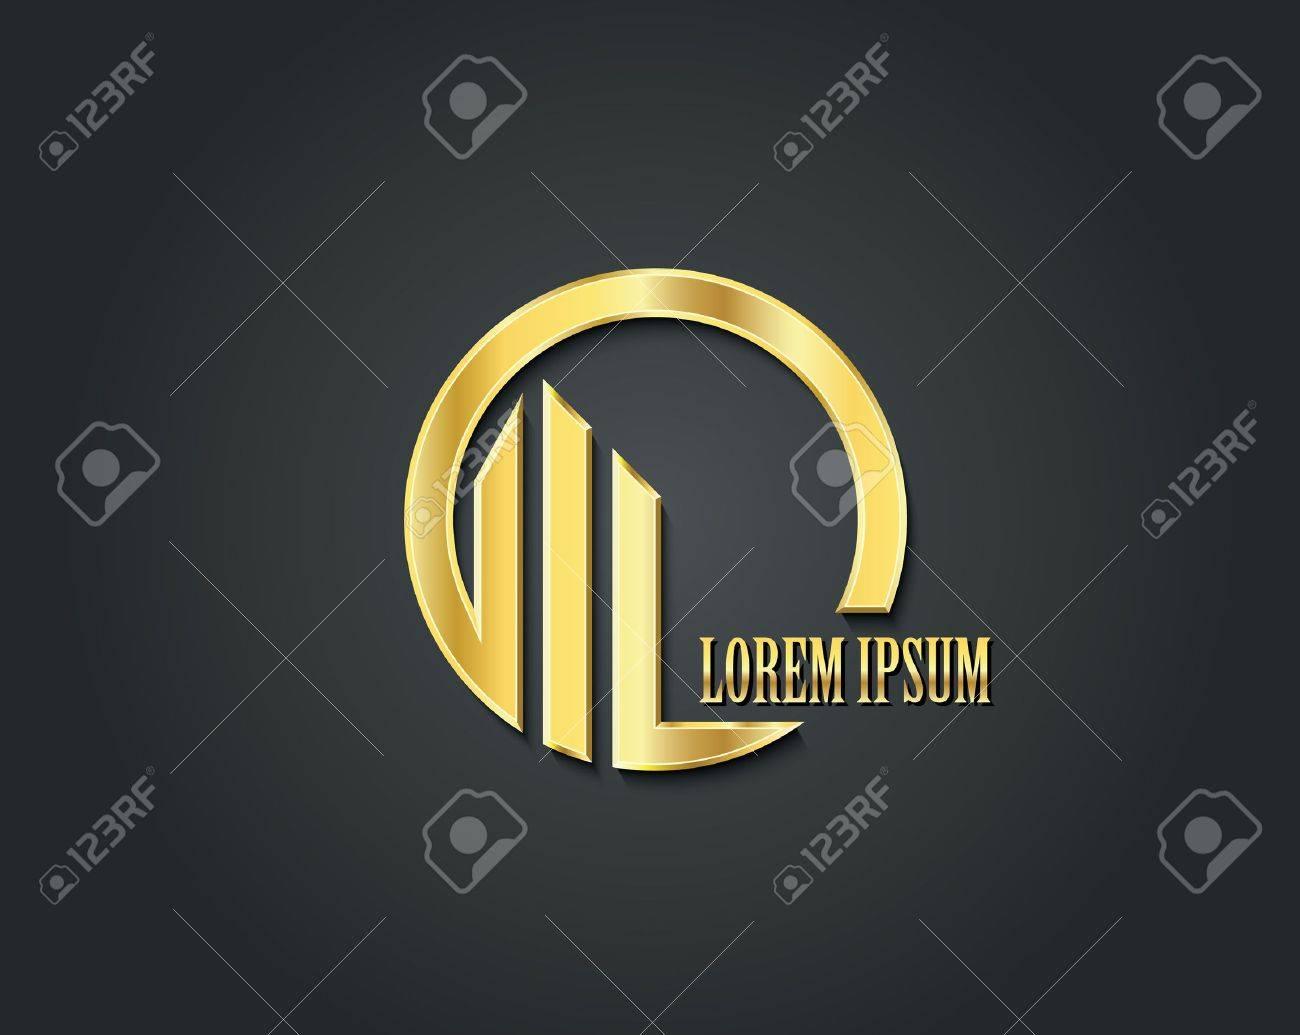 Creative vector logo design template. Golden symbol - 51375554